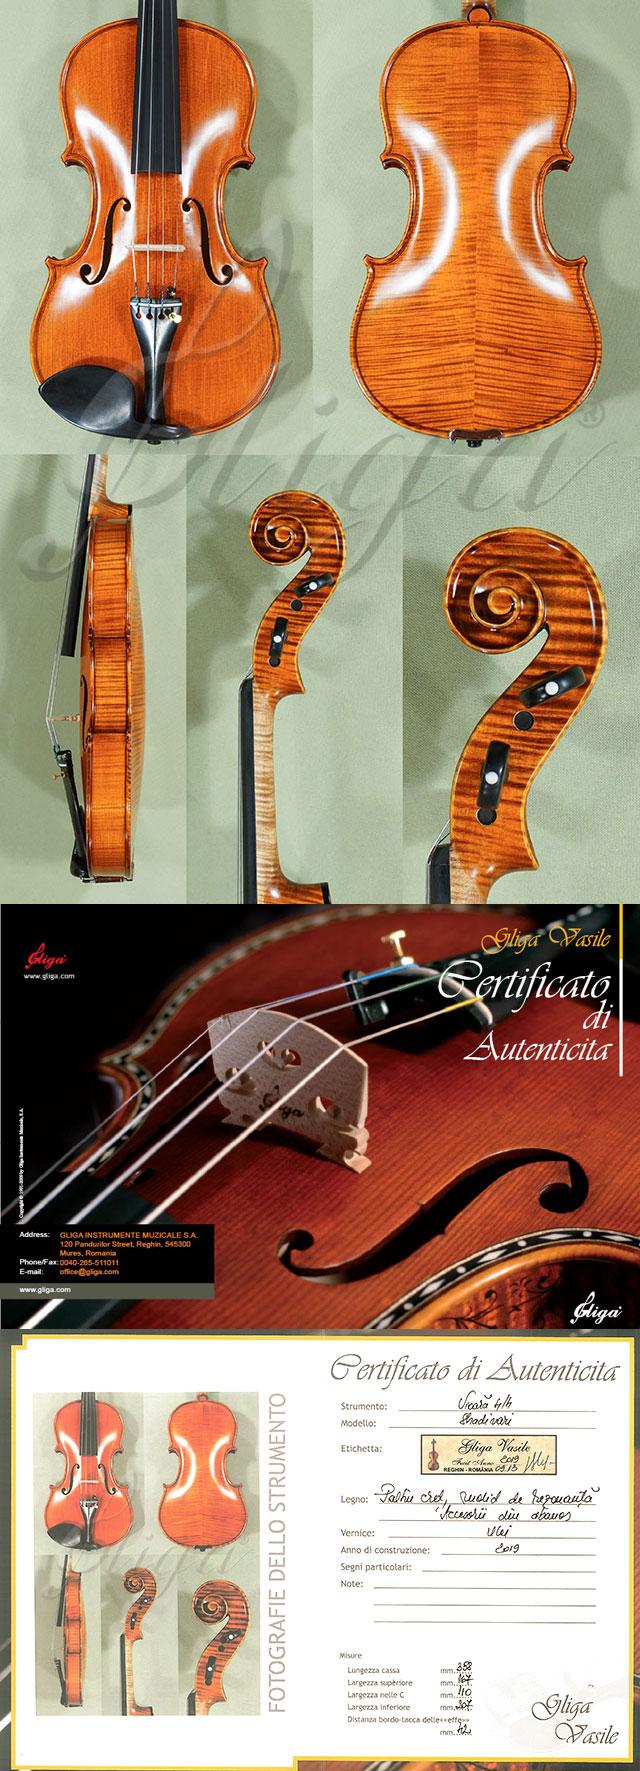 4/4 MAESTRO VASILE GLIGA Violin - Code C9454V